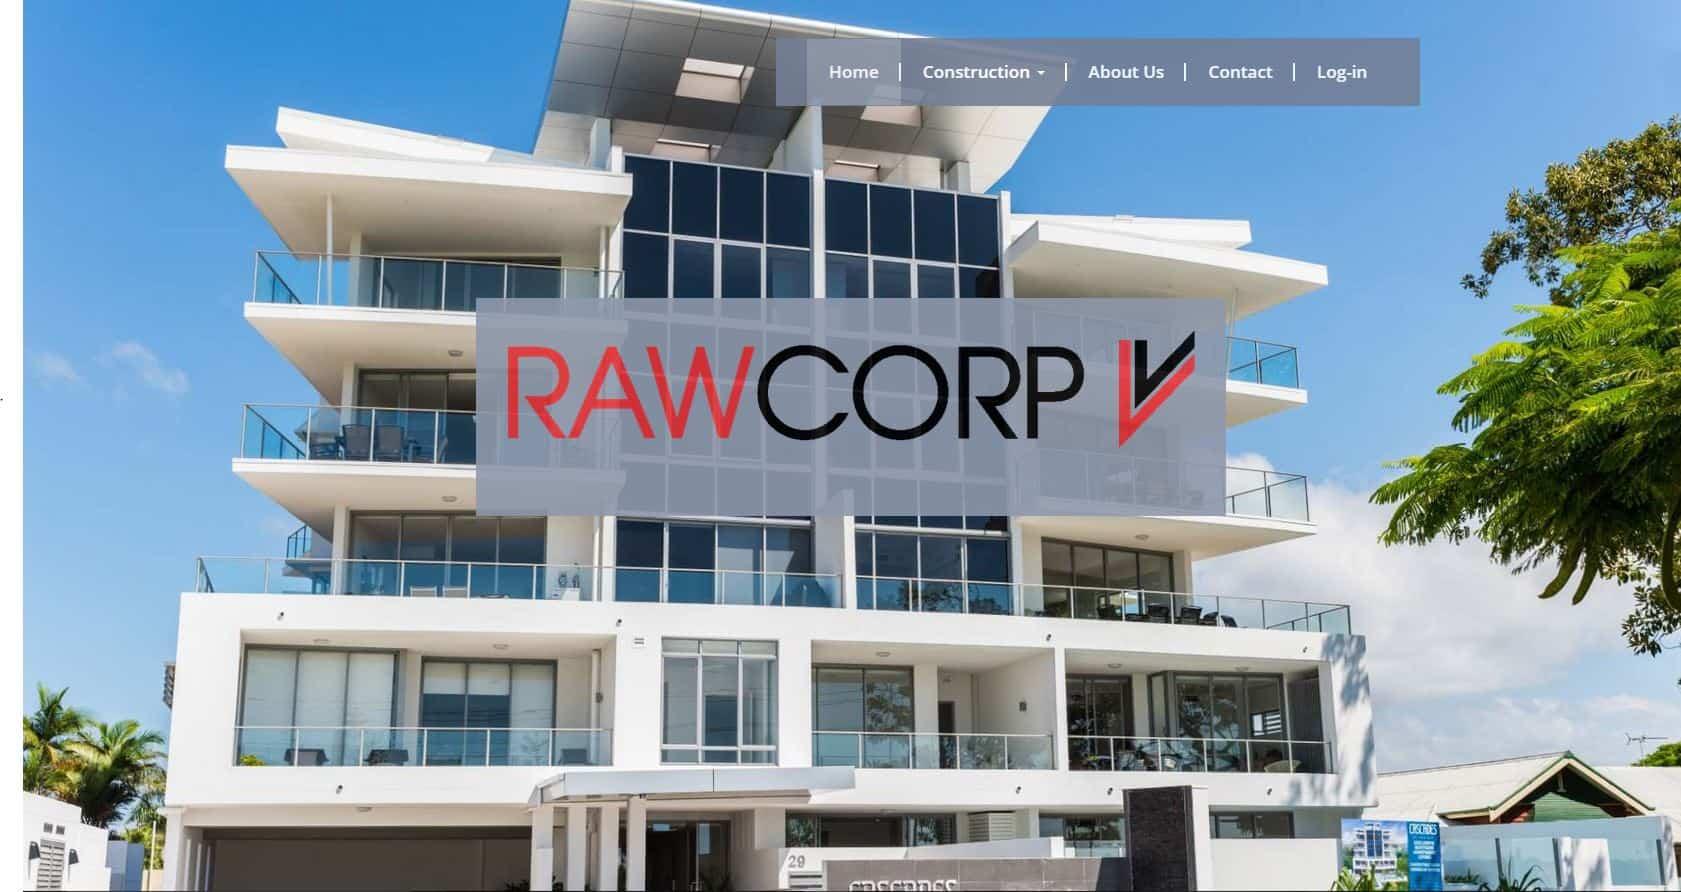 rawcorp